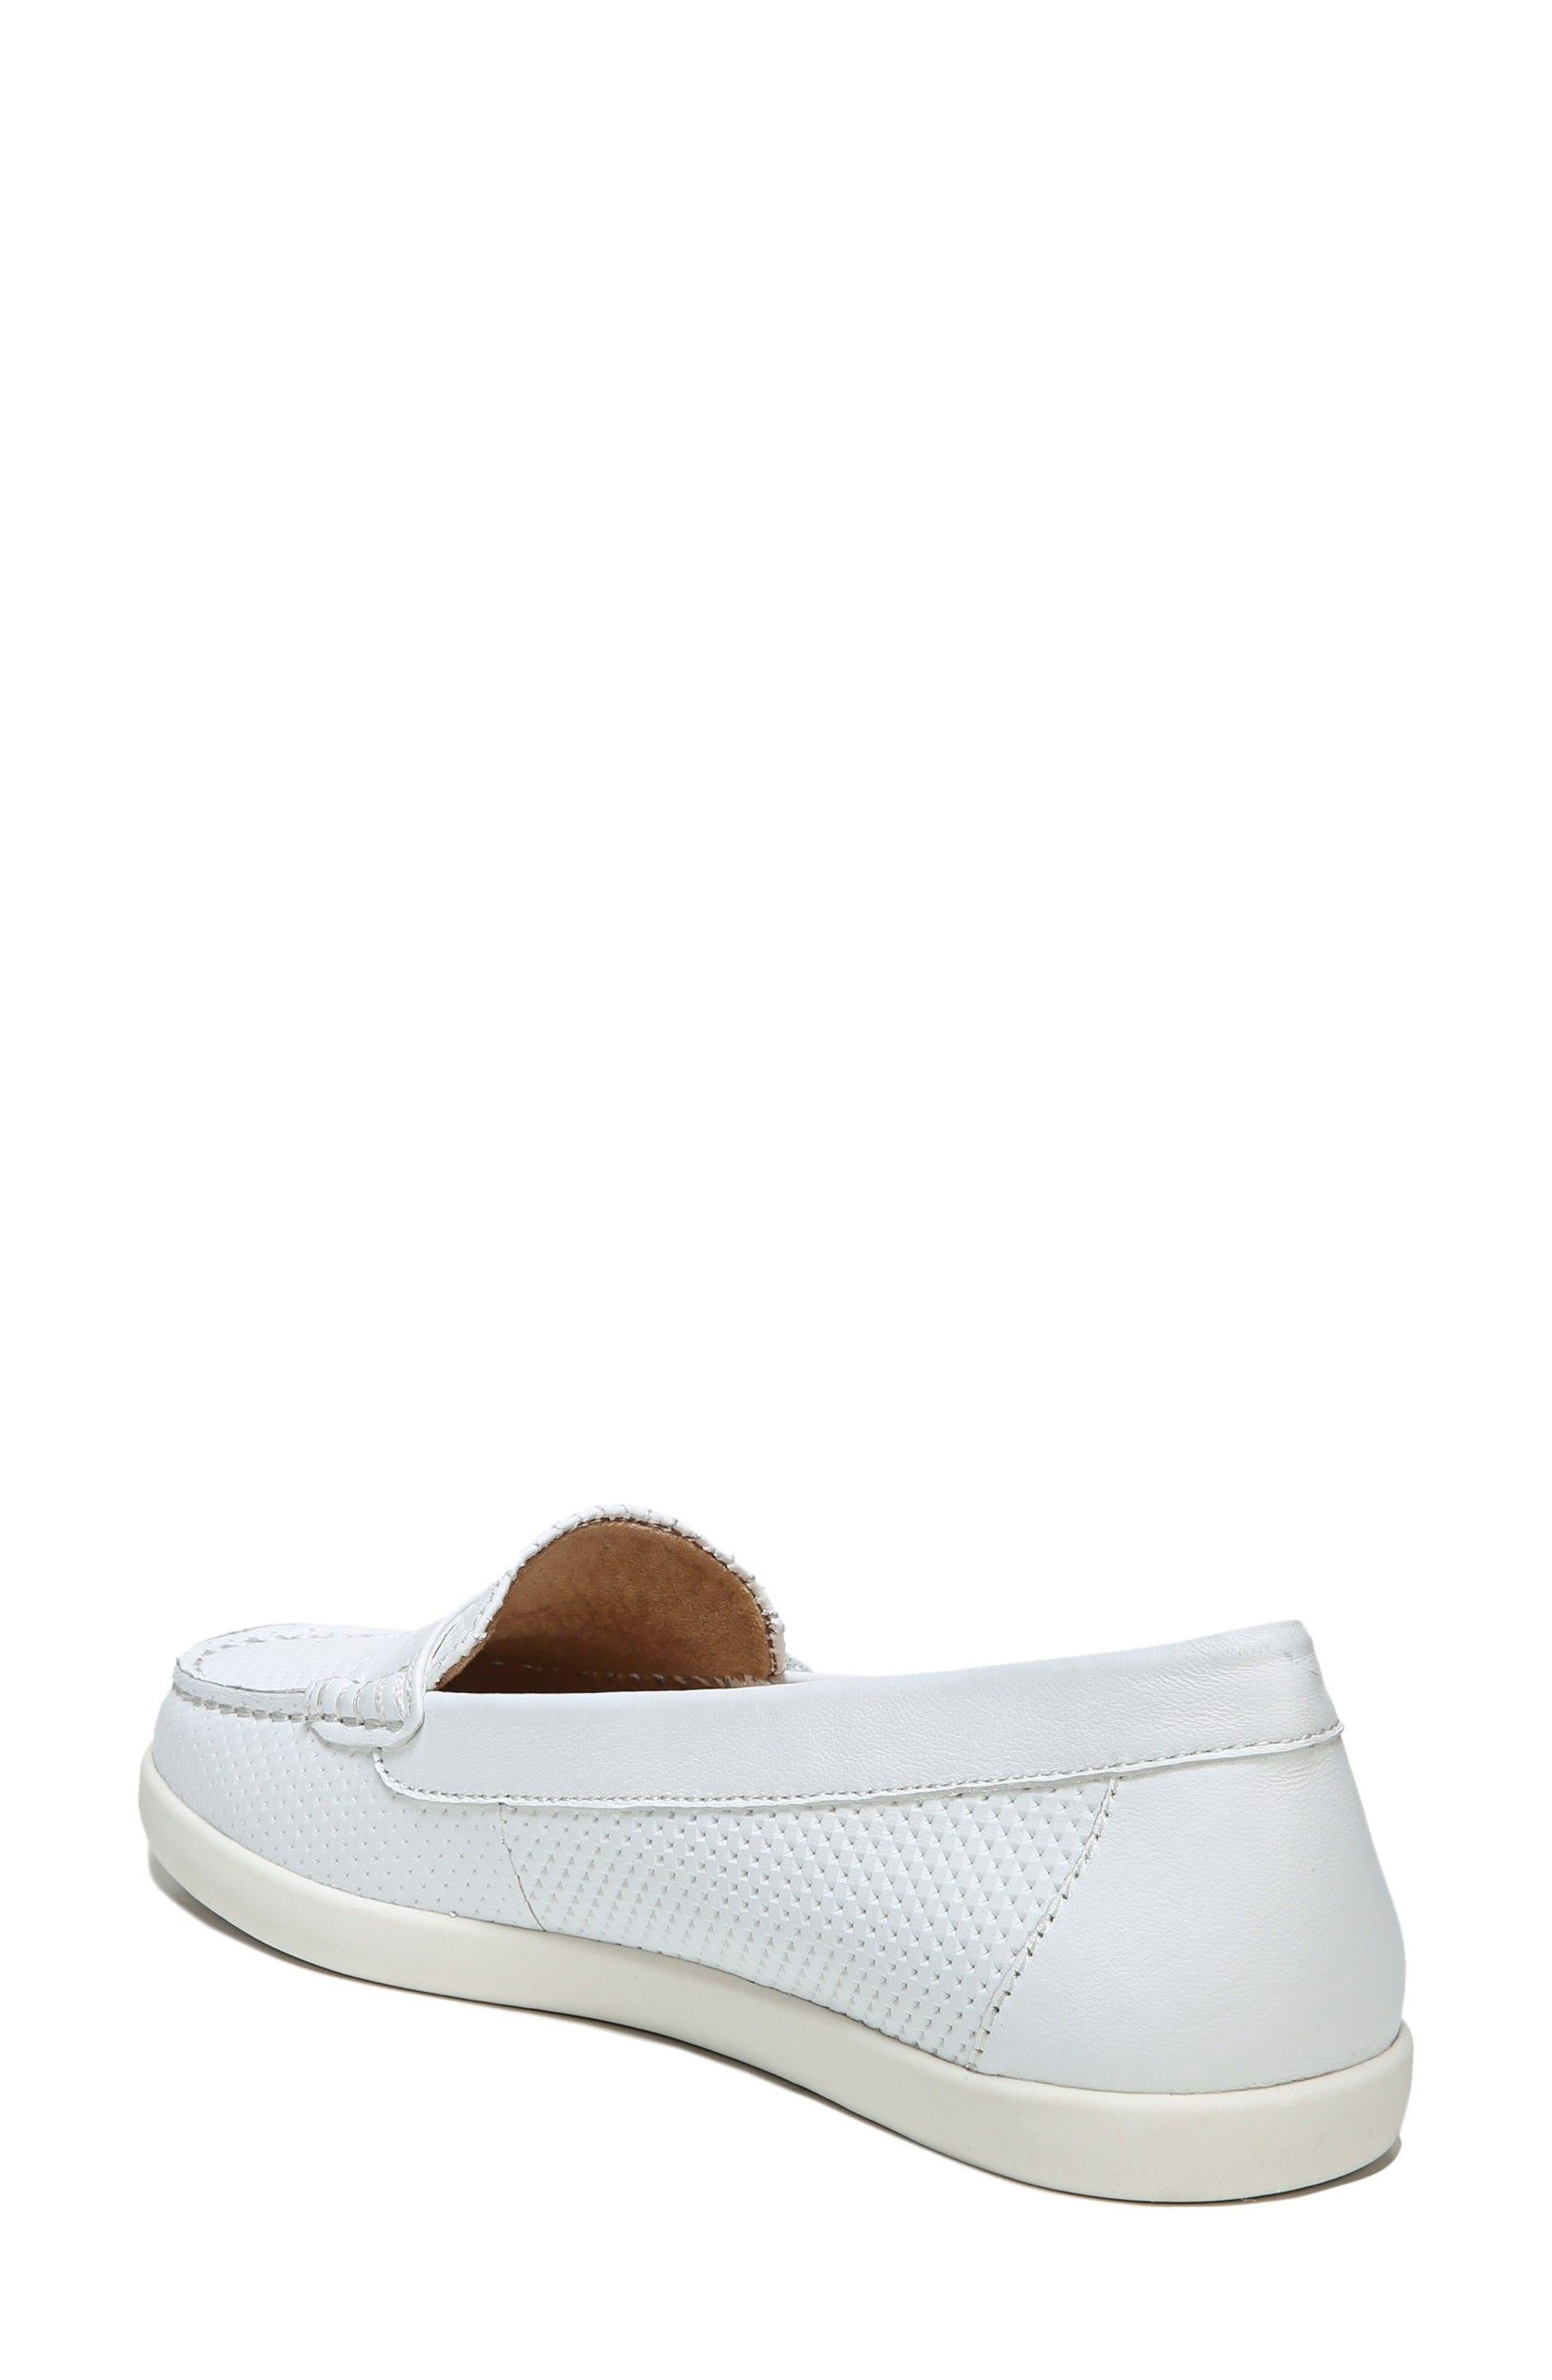 Gwen Slip-On Sneaker,                             Alternate thumbnail 2, color,                             WHITE LEATHER